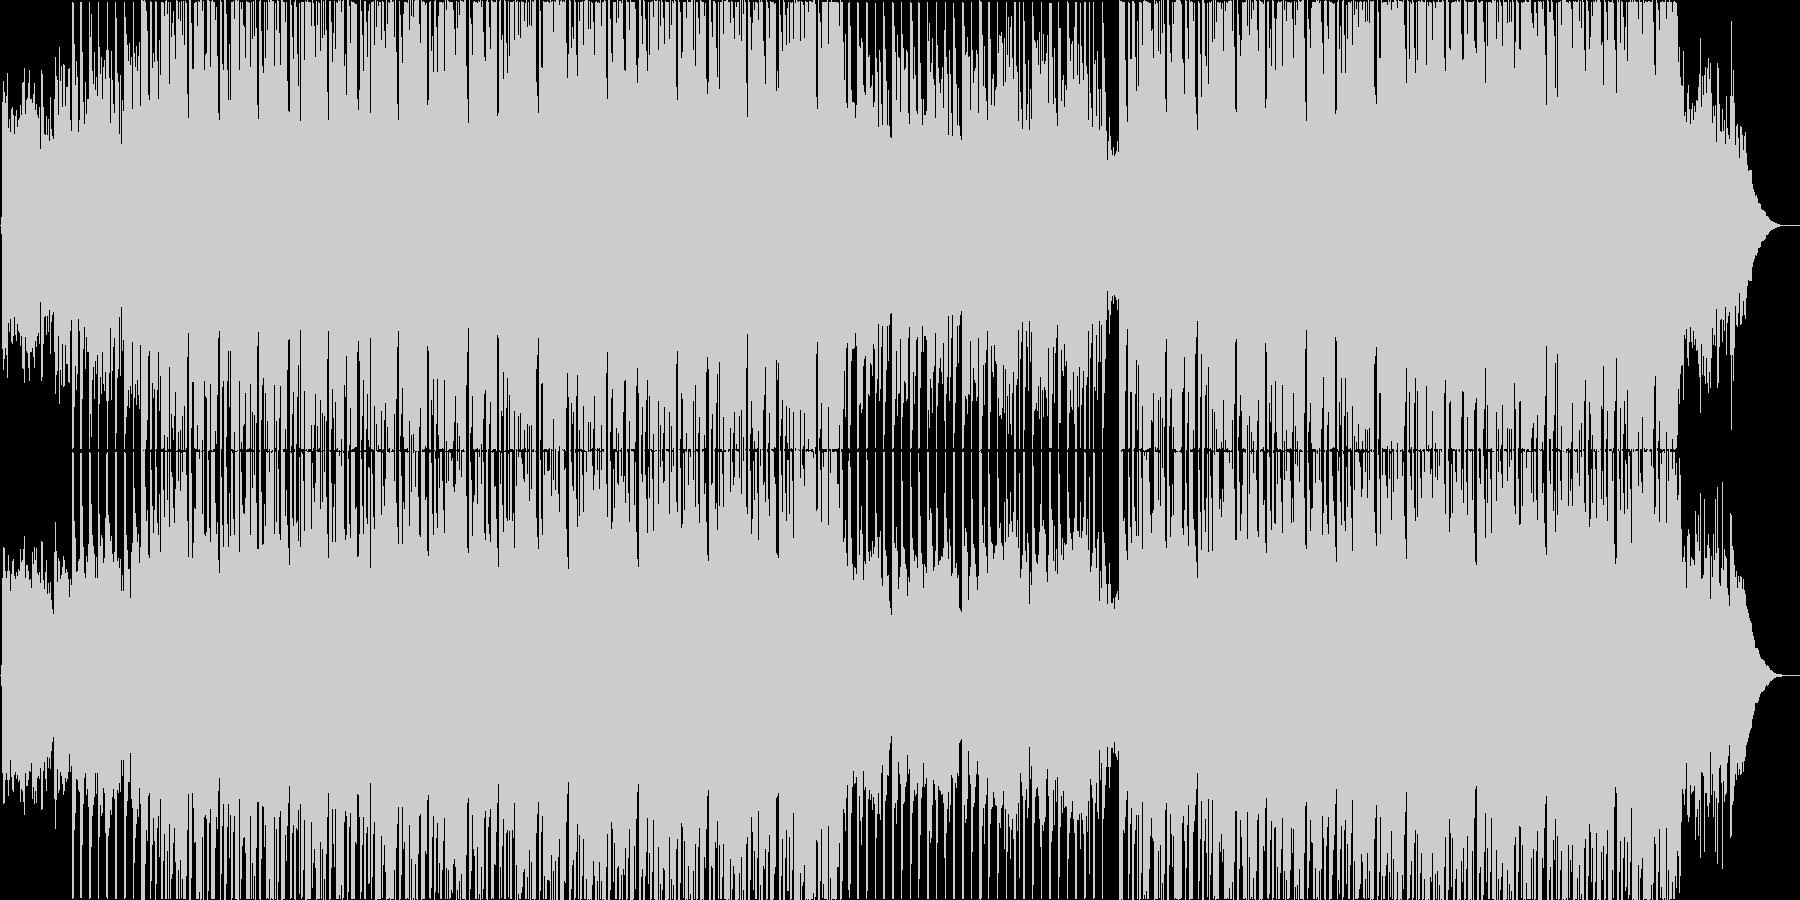 インディーフォーク・旅・アコギ・クラップの未再生の波形